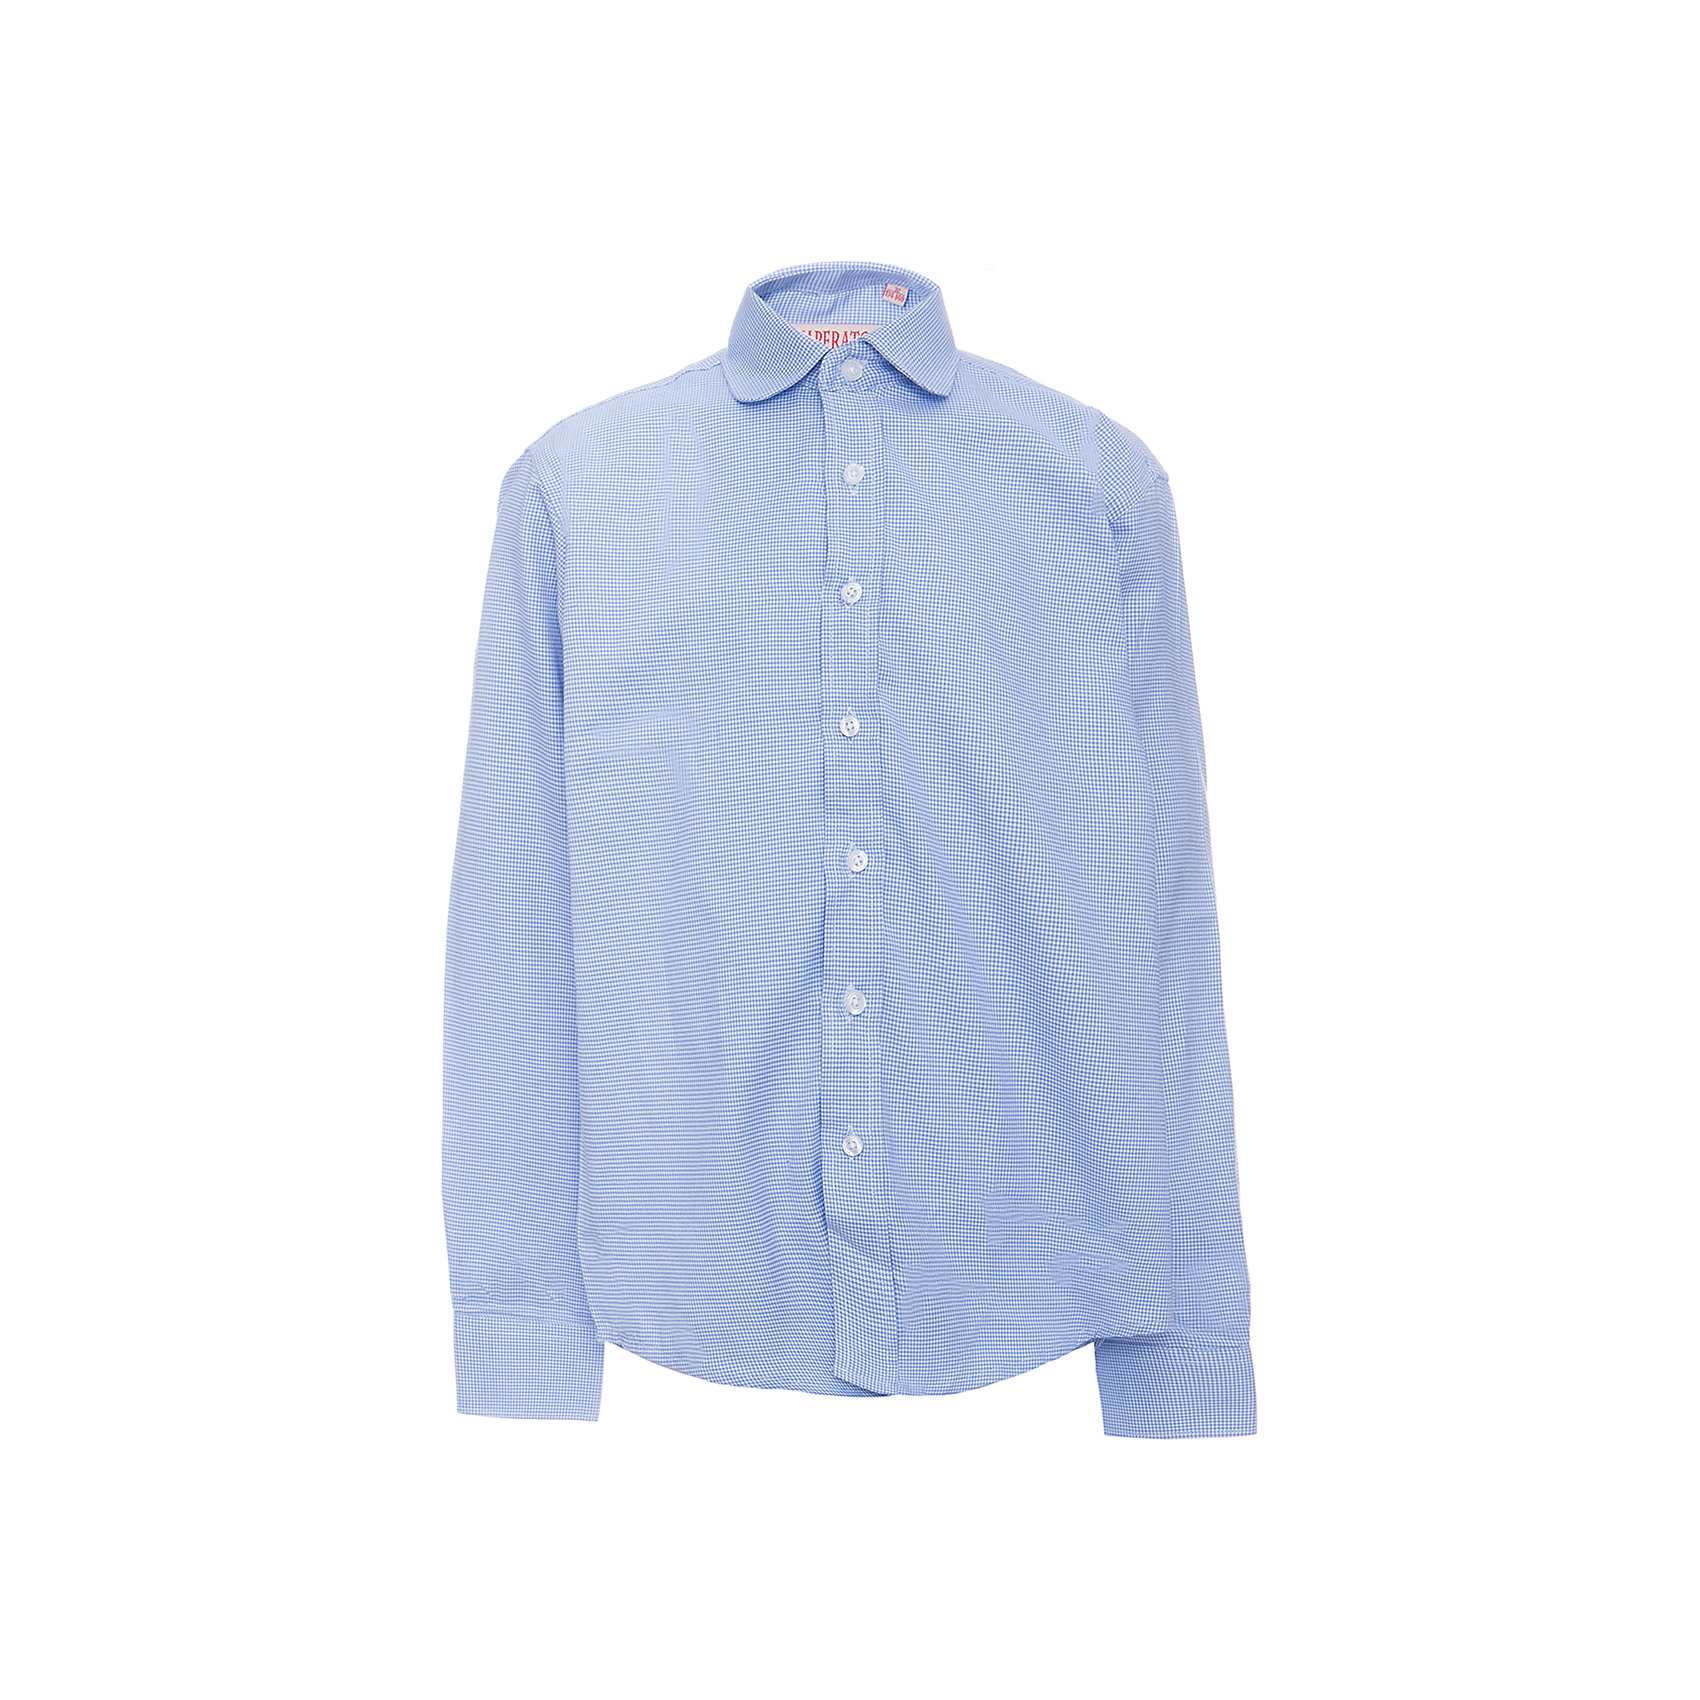 Рубашка для мальчика ImperatorБлузки и рубашки<br>Характеристики товара:<br><br>• цвет: голубой<br>• состав ткани: 65% хлопок, 35% полиэстер<br>• особенности: школьная, праздничная<br>• застежка: пуговицы<br>• рукава: длинные<br>• сезон: круглый год<br>• страна бренда: Российская Федерация<br>• страна изготовитель: Китай<br><br>Сорочка классического кроя для мальчика - отличный вариант практичной и стильной школьной одежды.<br><br>Накладной карман, свободный покрой, дышащая ткань с преобладанием хлопка - красиво и удобно.<br><br>Рубашку для мальчика Imperator (Император) можно купить в нашем интернет-магазине.<br><br>Ширина мм: 174<br>Глубина мм: 10<br>Высота мм: 169<br>Вес г: 157<br>Цвет: голубой<br>Возраст от месяцев: 144<br>Возраст до месяцев: 156<br>Пол: Мужской<br>Возраст: Детский<br>Размер: 158/164,164/170,122/128,128/134,134/140,140/146,146/152,146/152,152/158,152/158<br>SKU: 6860743